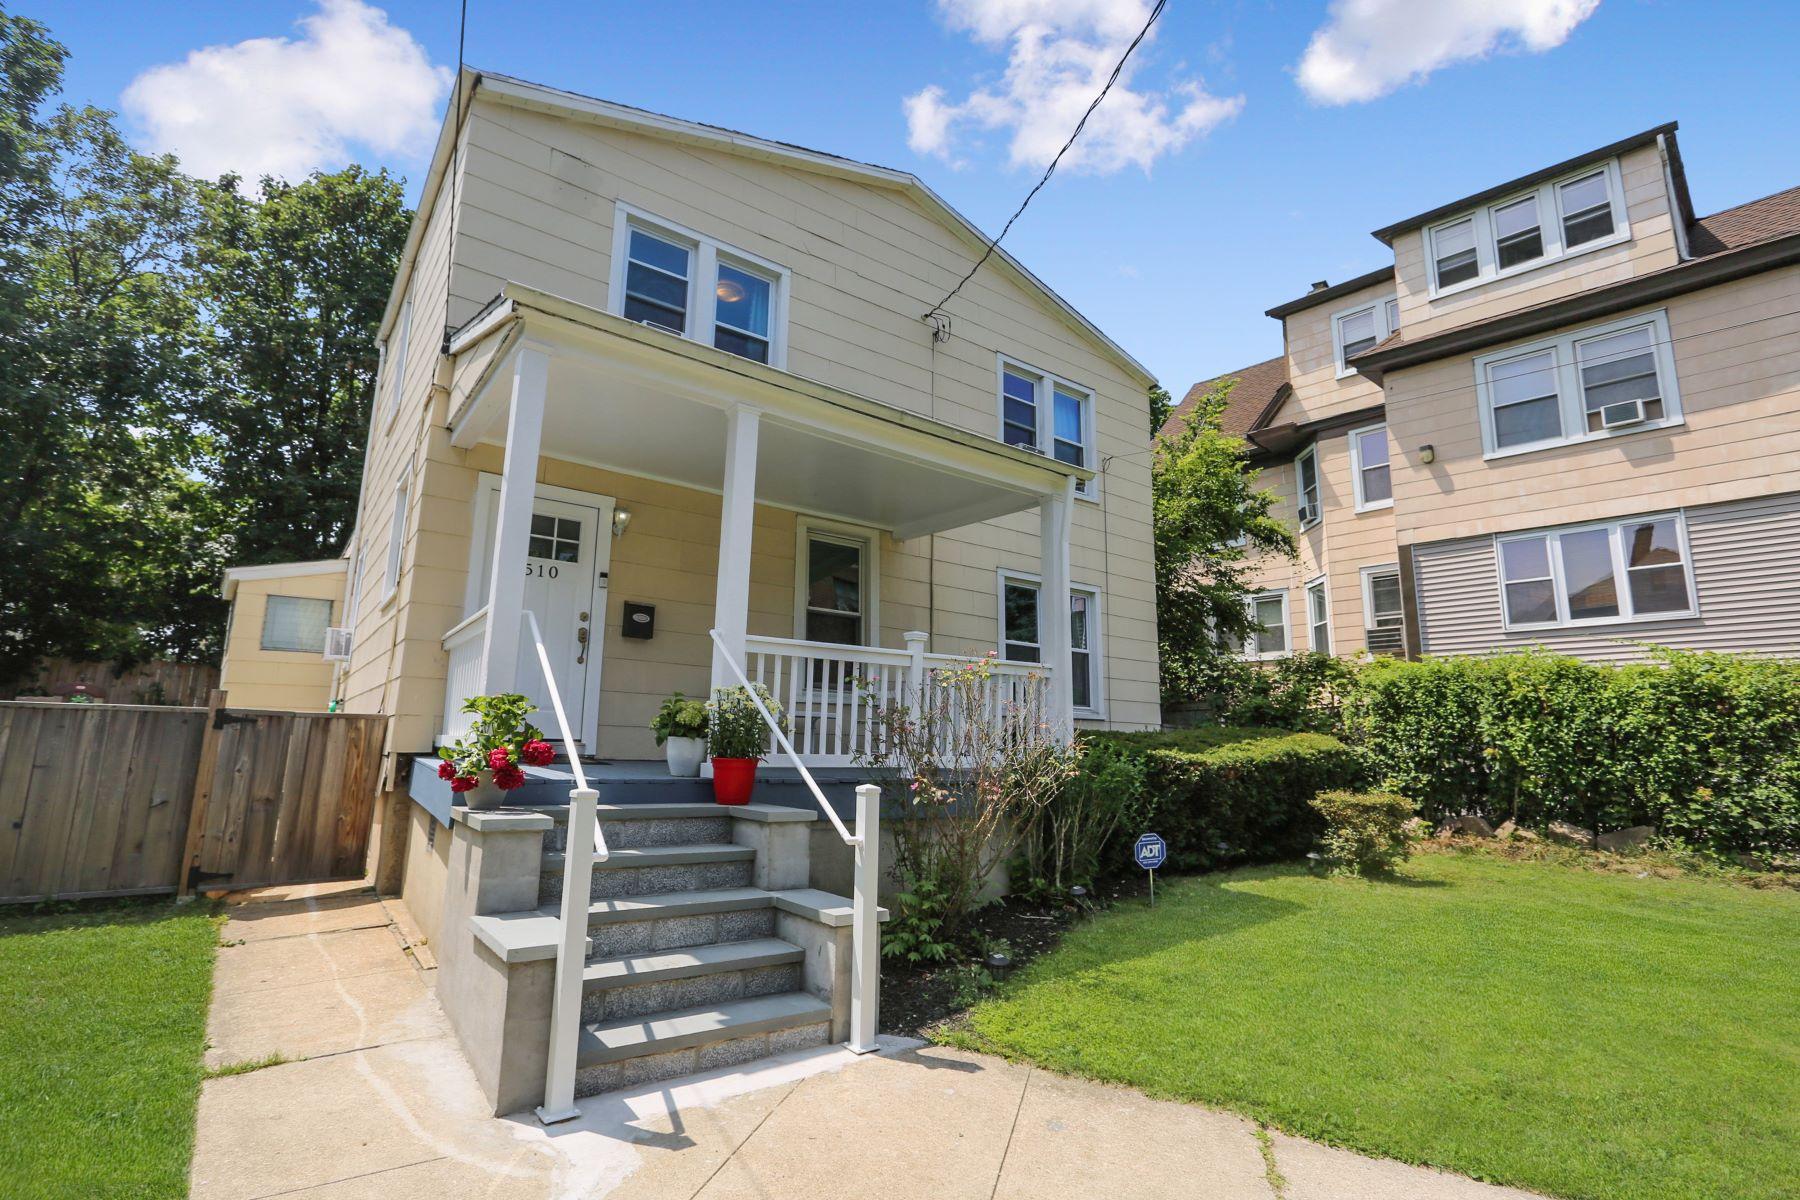 Single Family Homes för Försäljning vid Totally Renovated Home 510 South 2nd Avenue, Mount Vernon, New York 10550 Förenta staterna